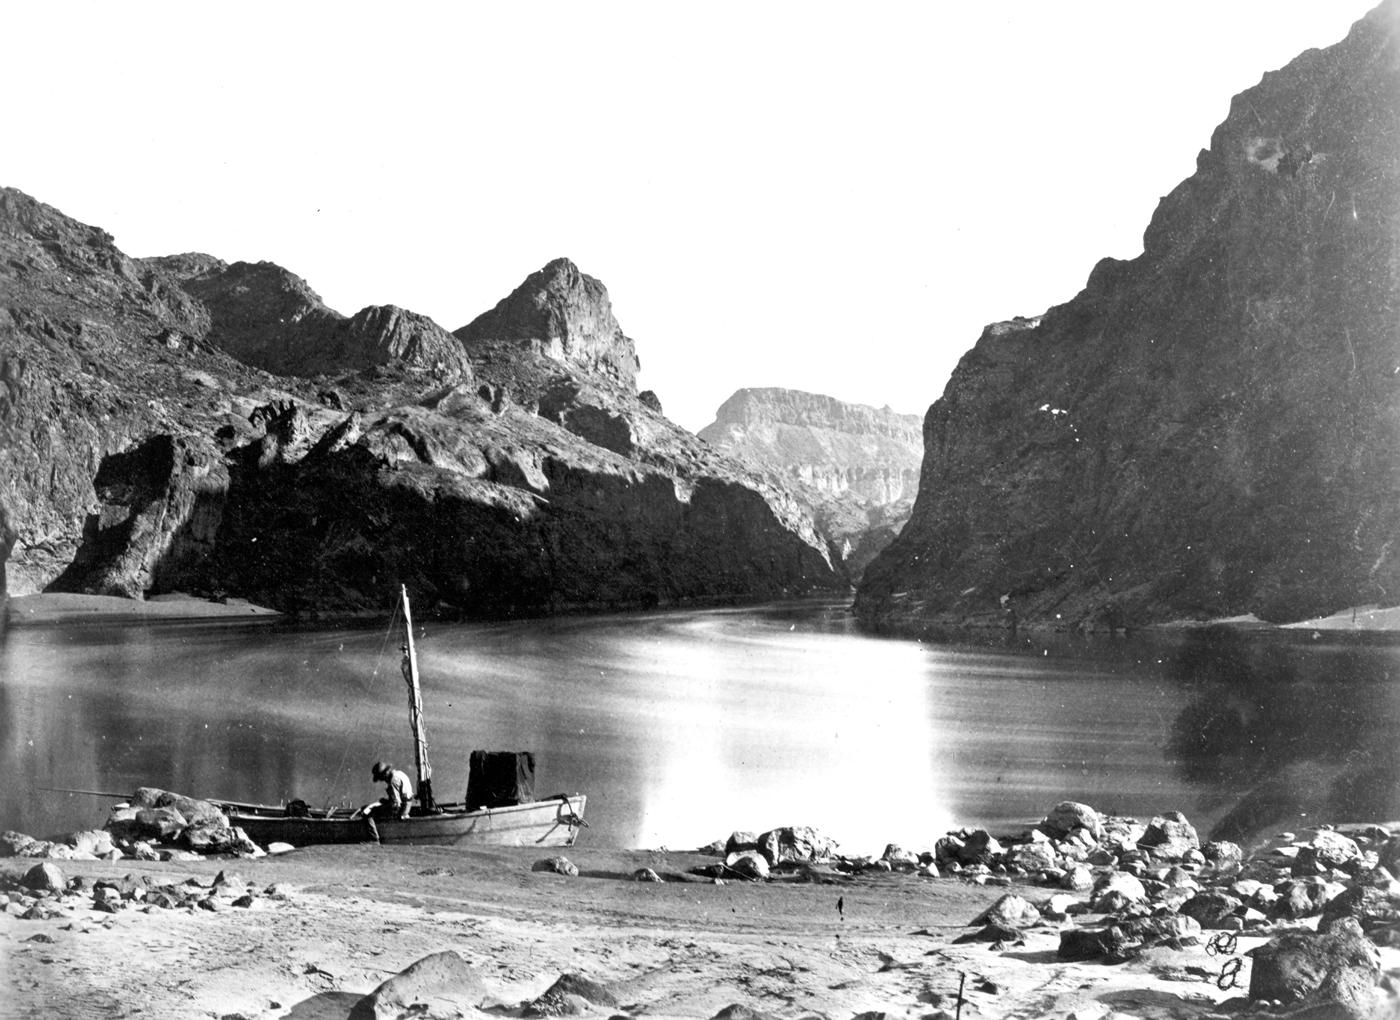 Posa lunga del fiume Colorado al Black Canyon, 1871 di Timothy H. O'Sullivan